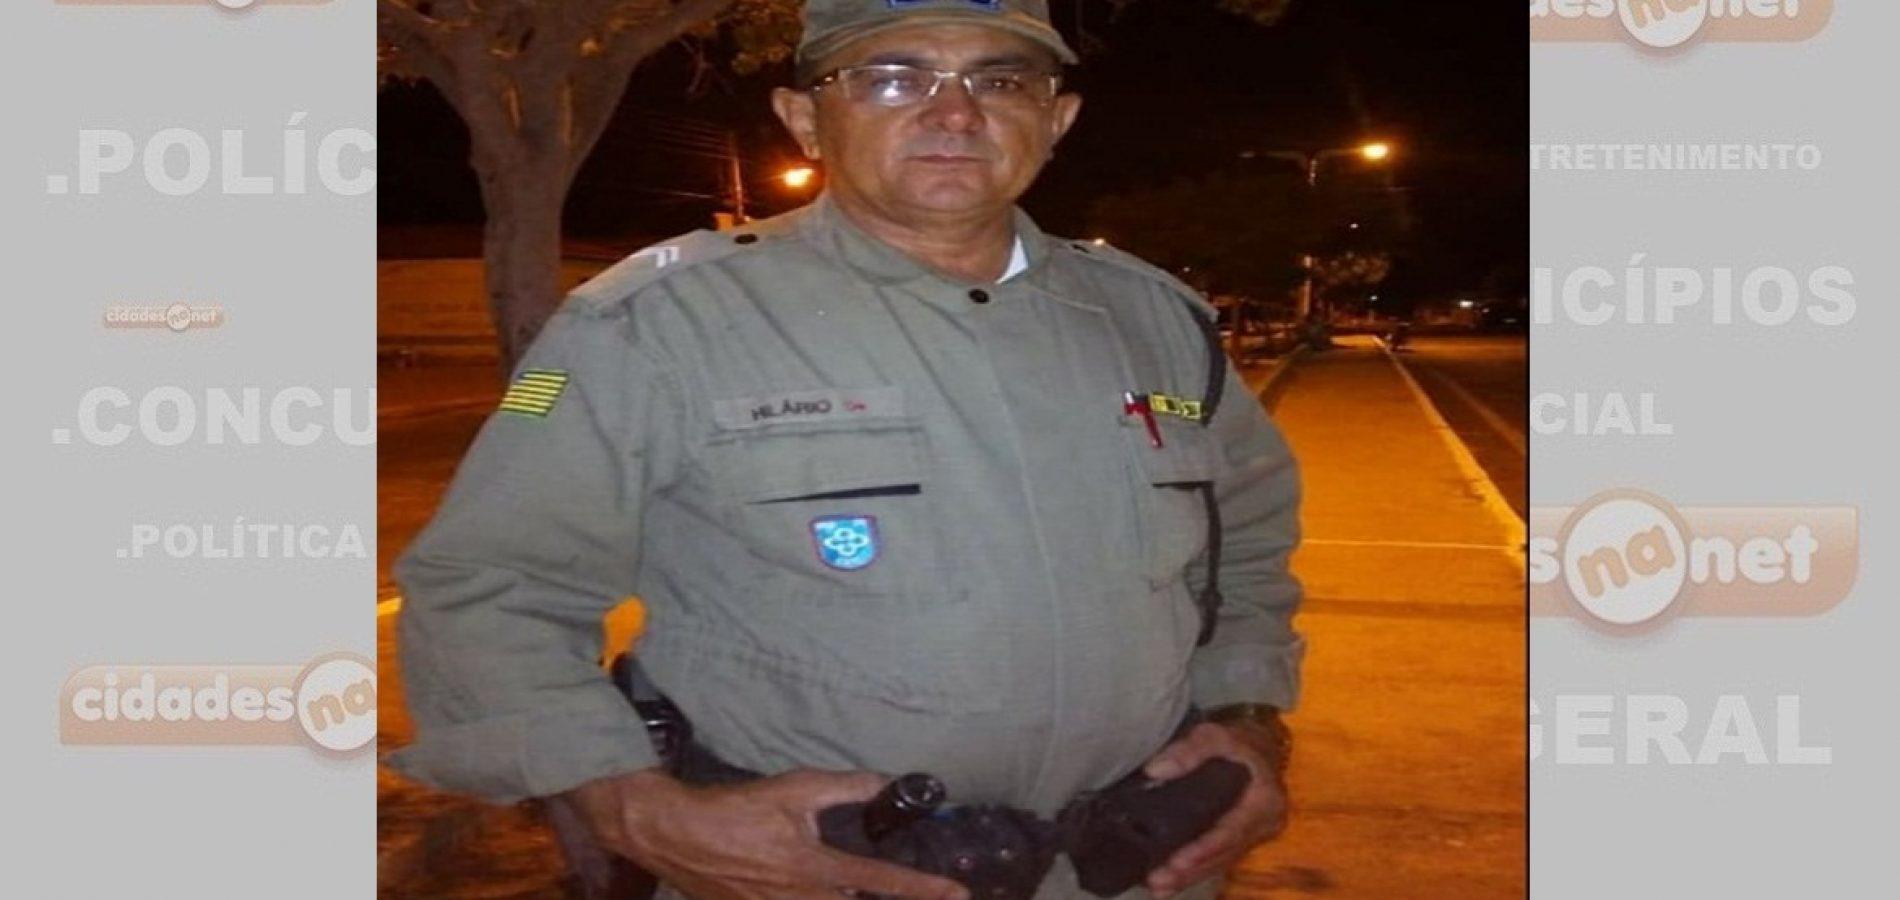 Após meses internado, policial militar que atuava em Belém do Piauí morre aos 50 anos